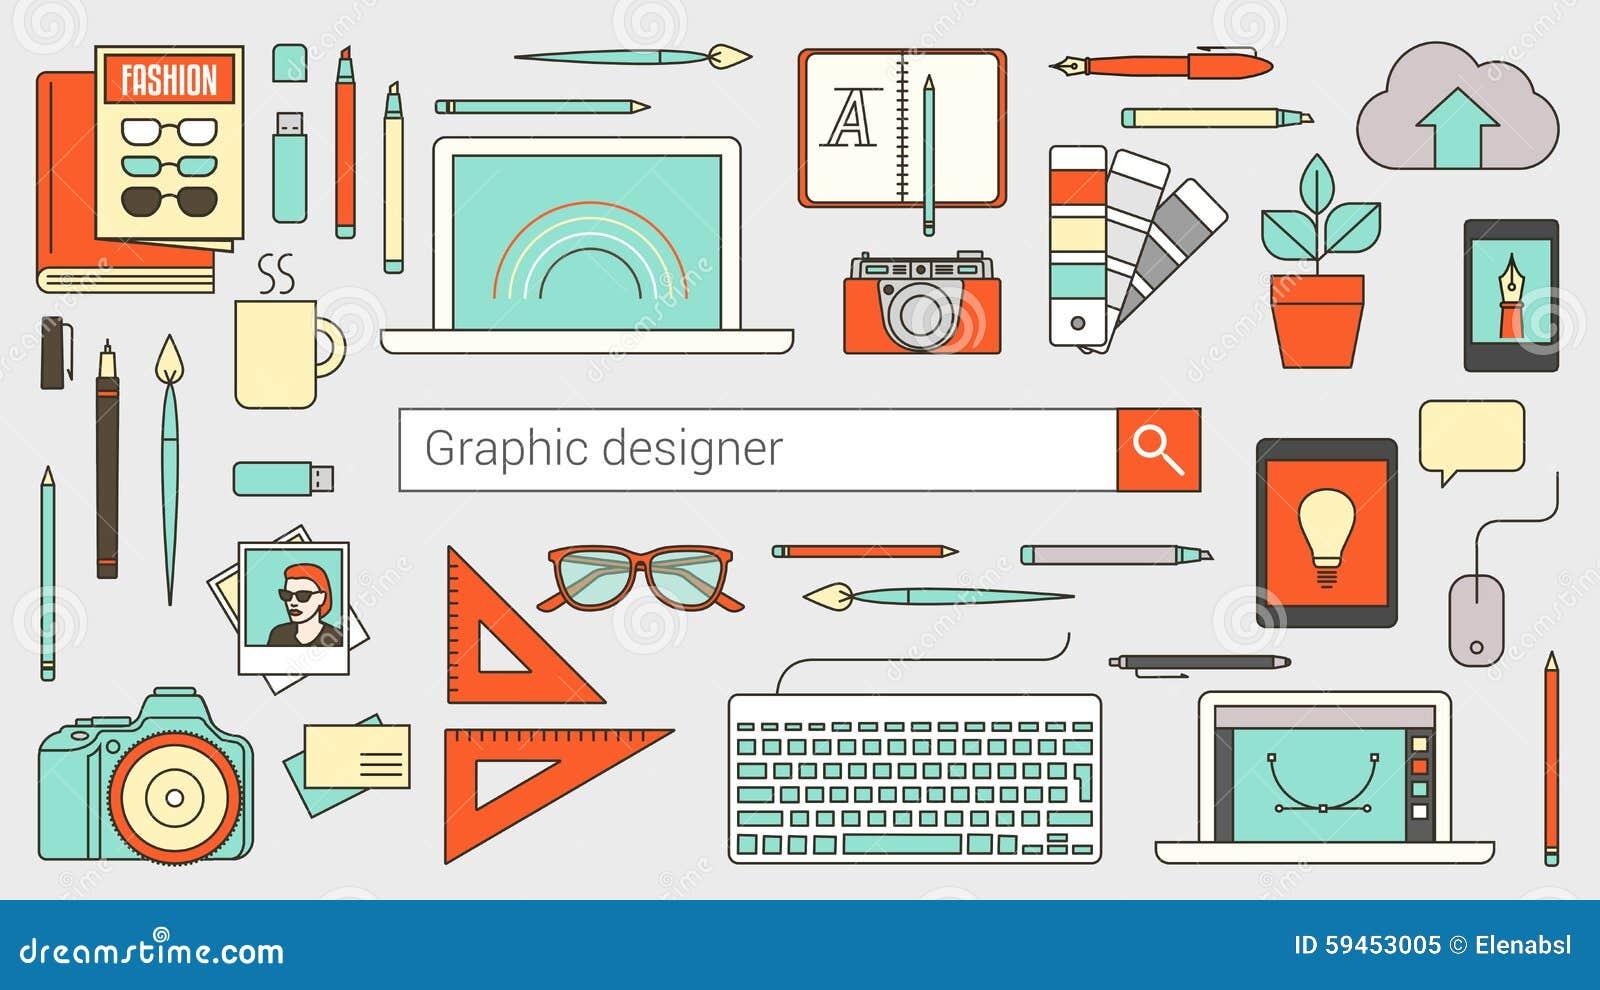 Diseñador gráfico, ilustrador y fotógrafo